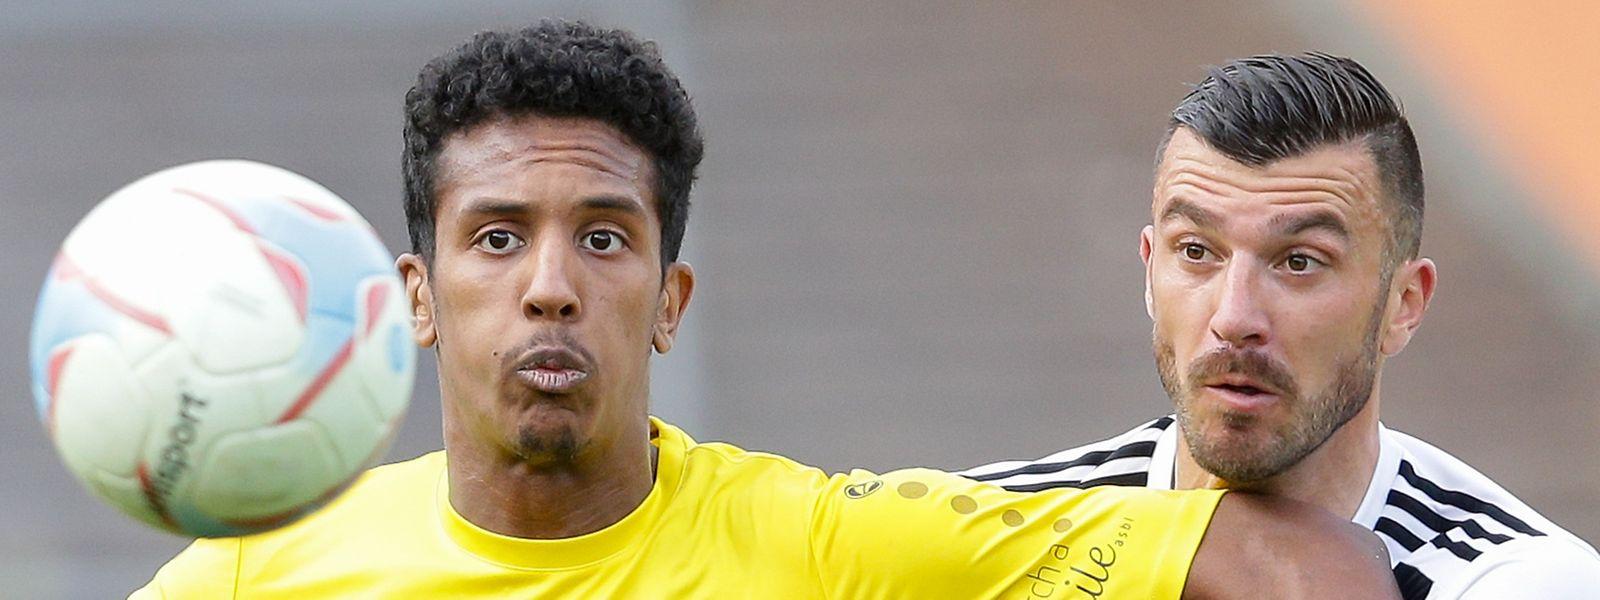 Mohcine Hassan (F91 Dudelange) e Xavier Tomas (Jeunesse) disputam a bola no encontro da jornada 26, a 8 de maio.